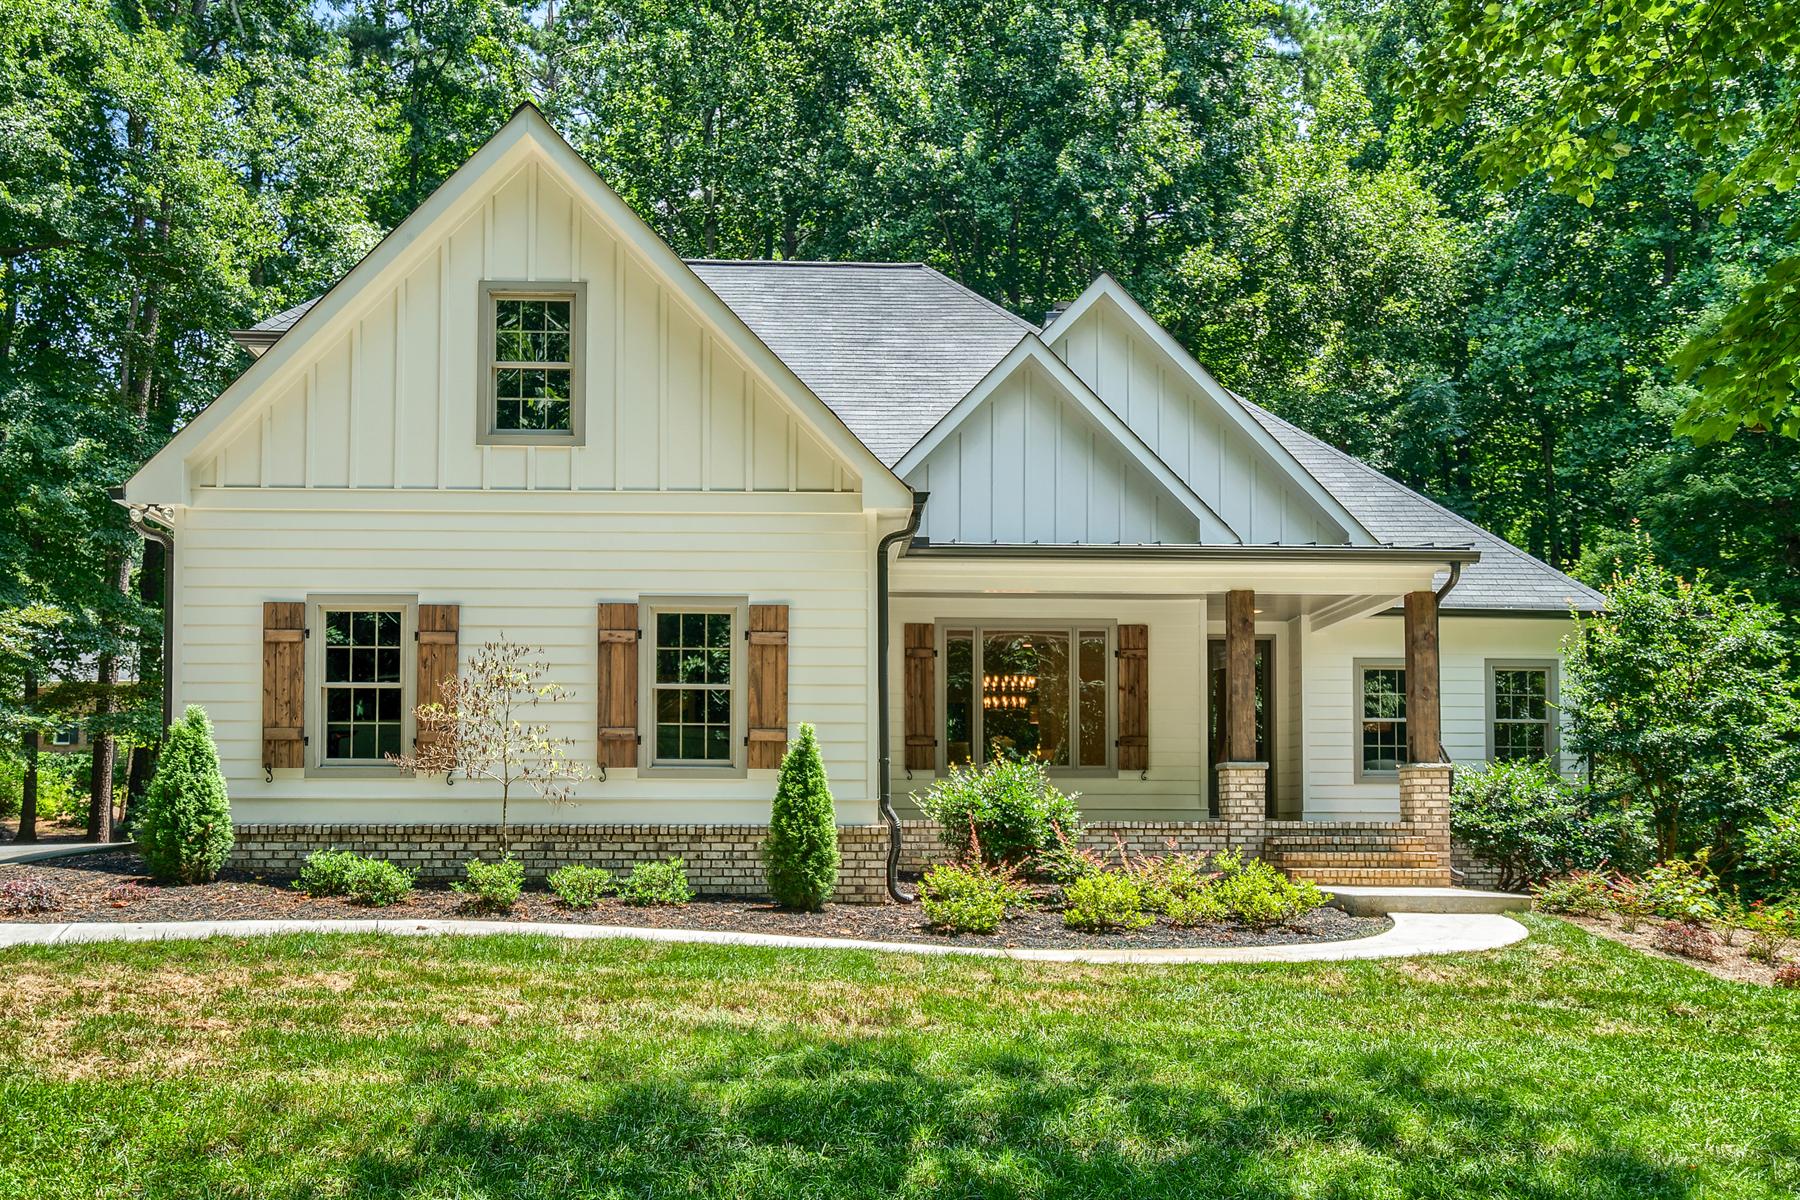 獨棟家庭住宅 為 出售 在 Stunning Modern Farmhouse In The Heart Of Roswell 275 Spring Creek Road Roswell, 喬治亞州 30075 美國